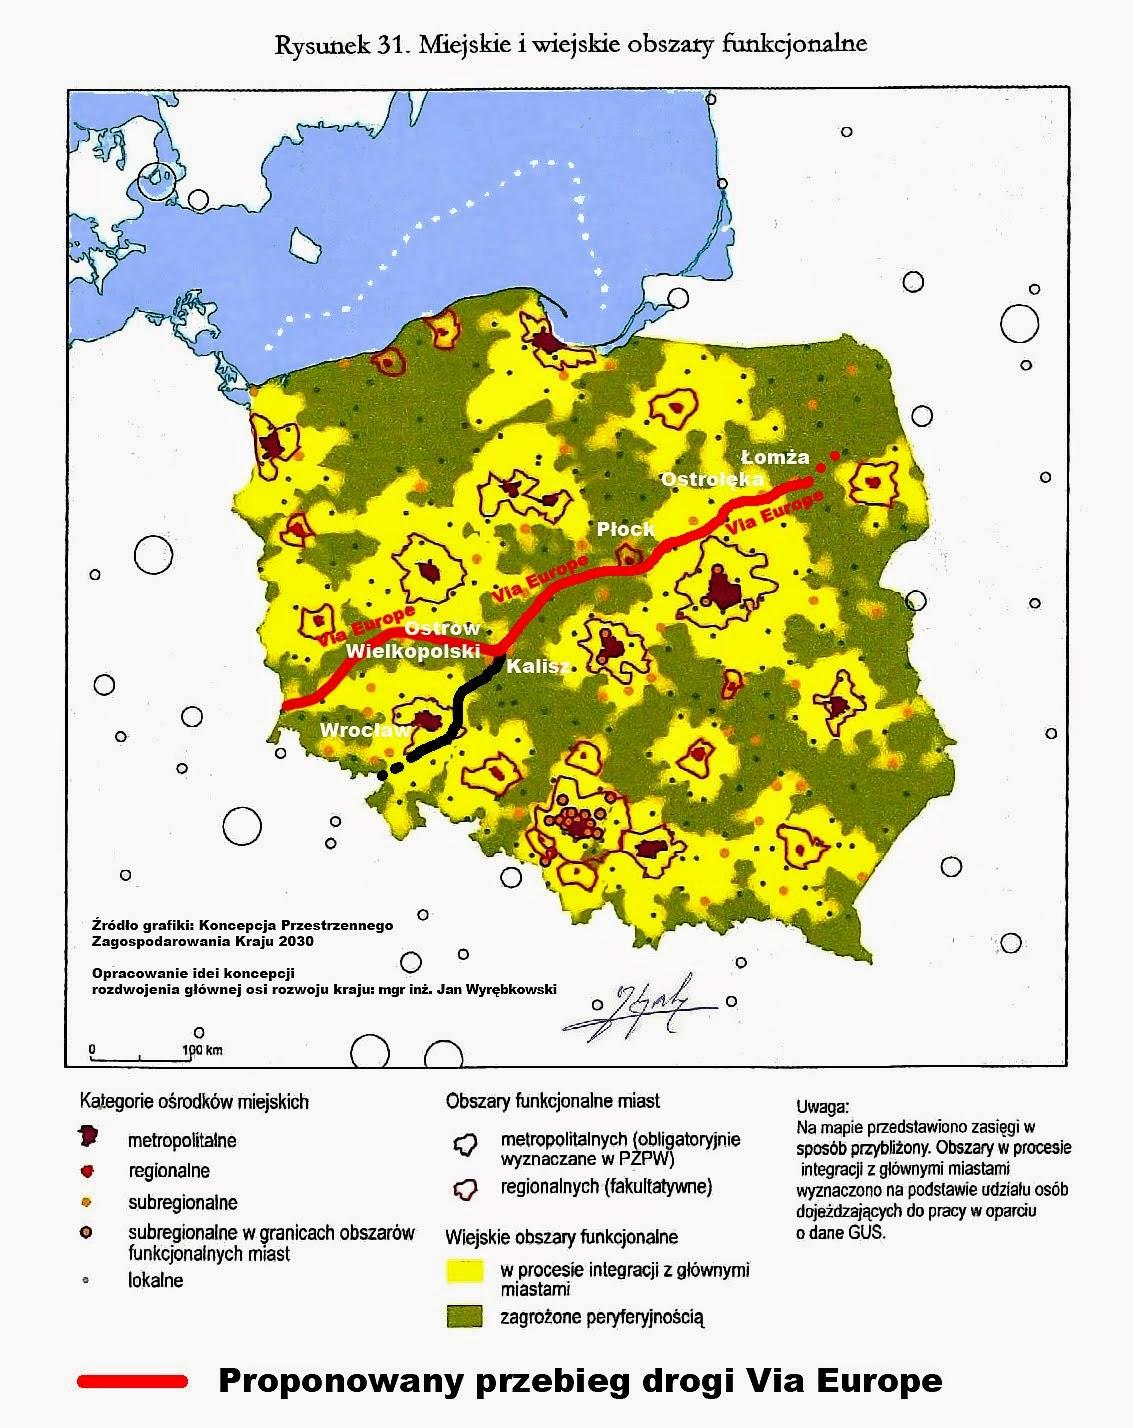 Droga Via Europe na tle obszarów funkcjonalnych, zagrożonych peryferyjnością